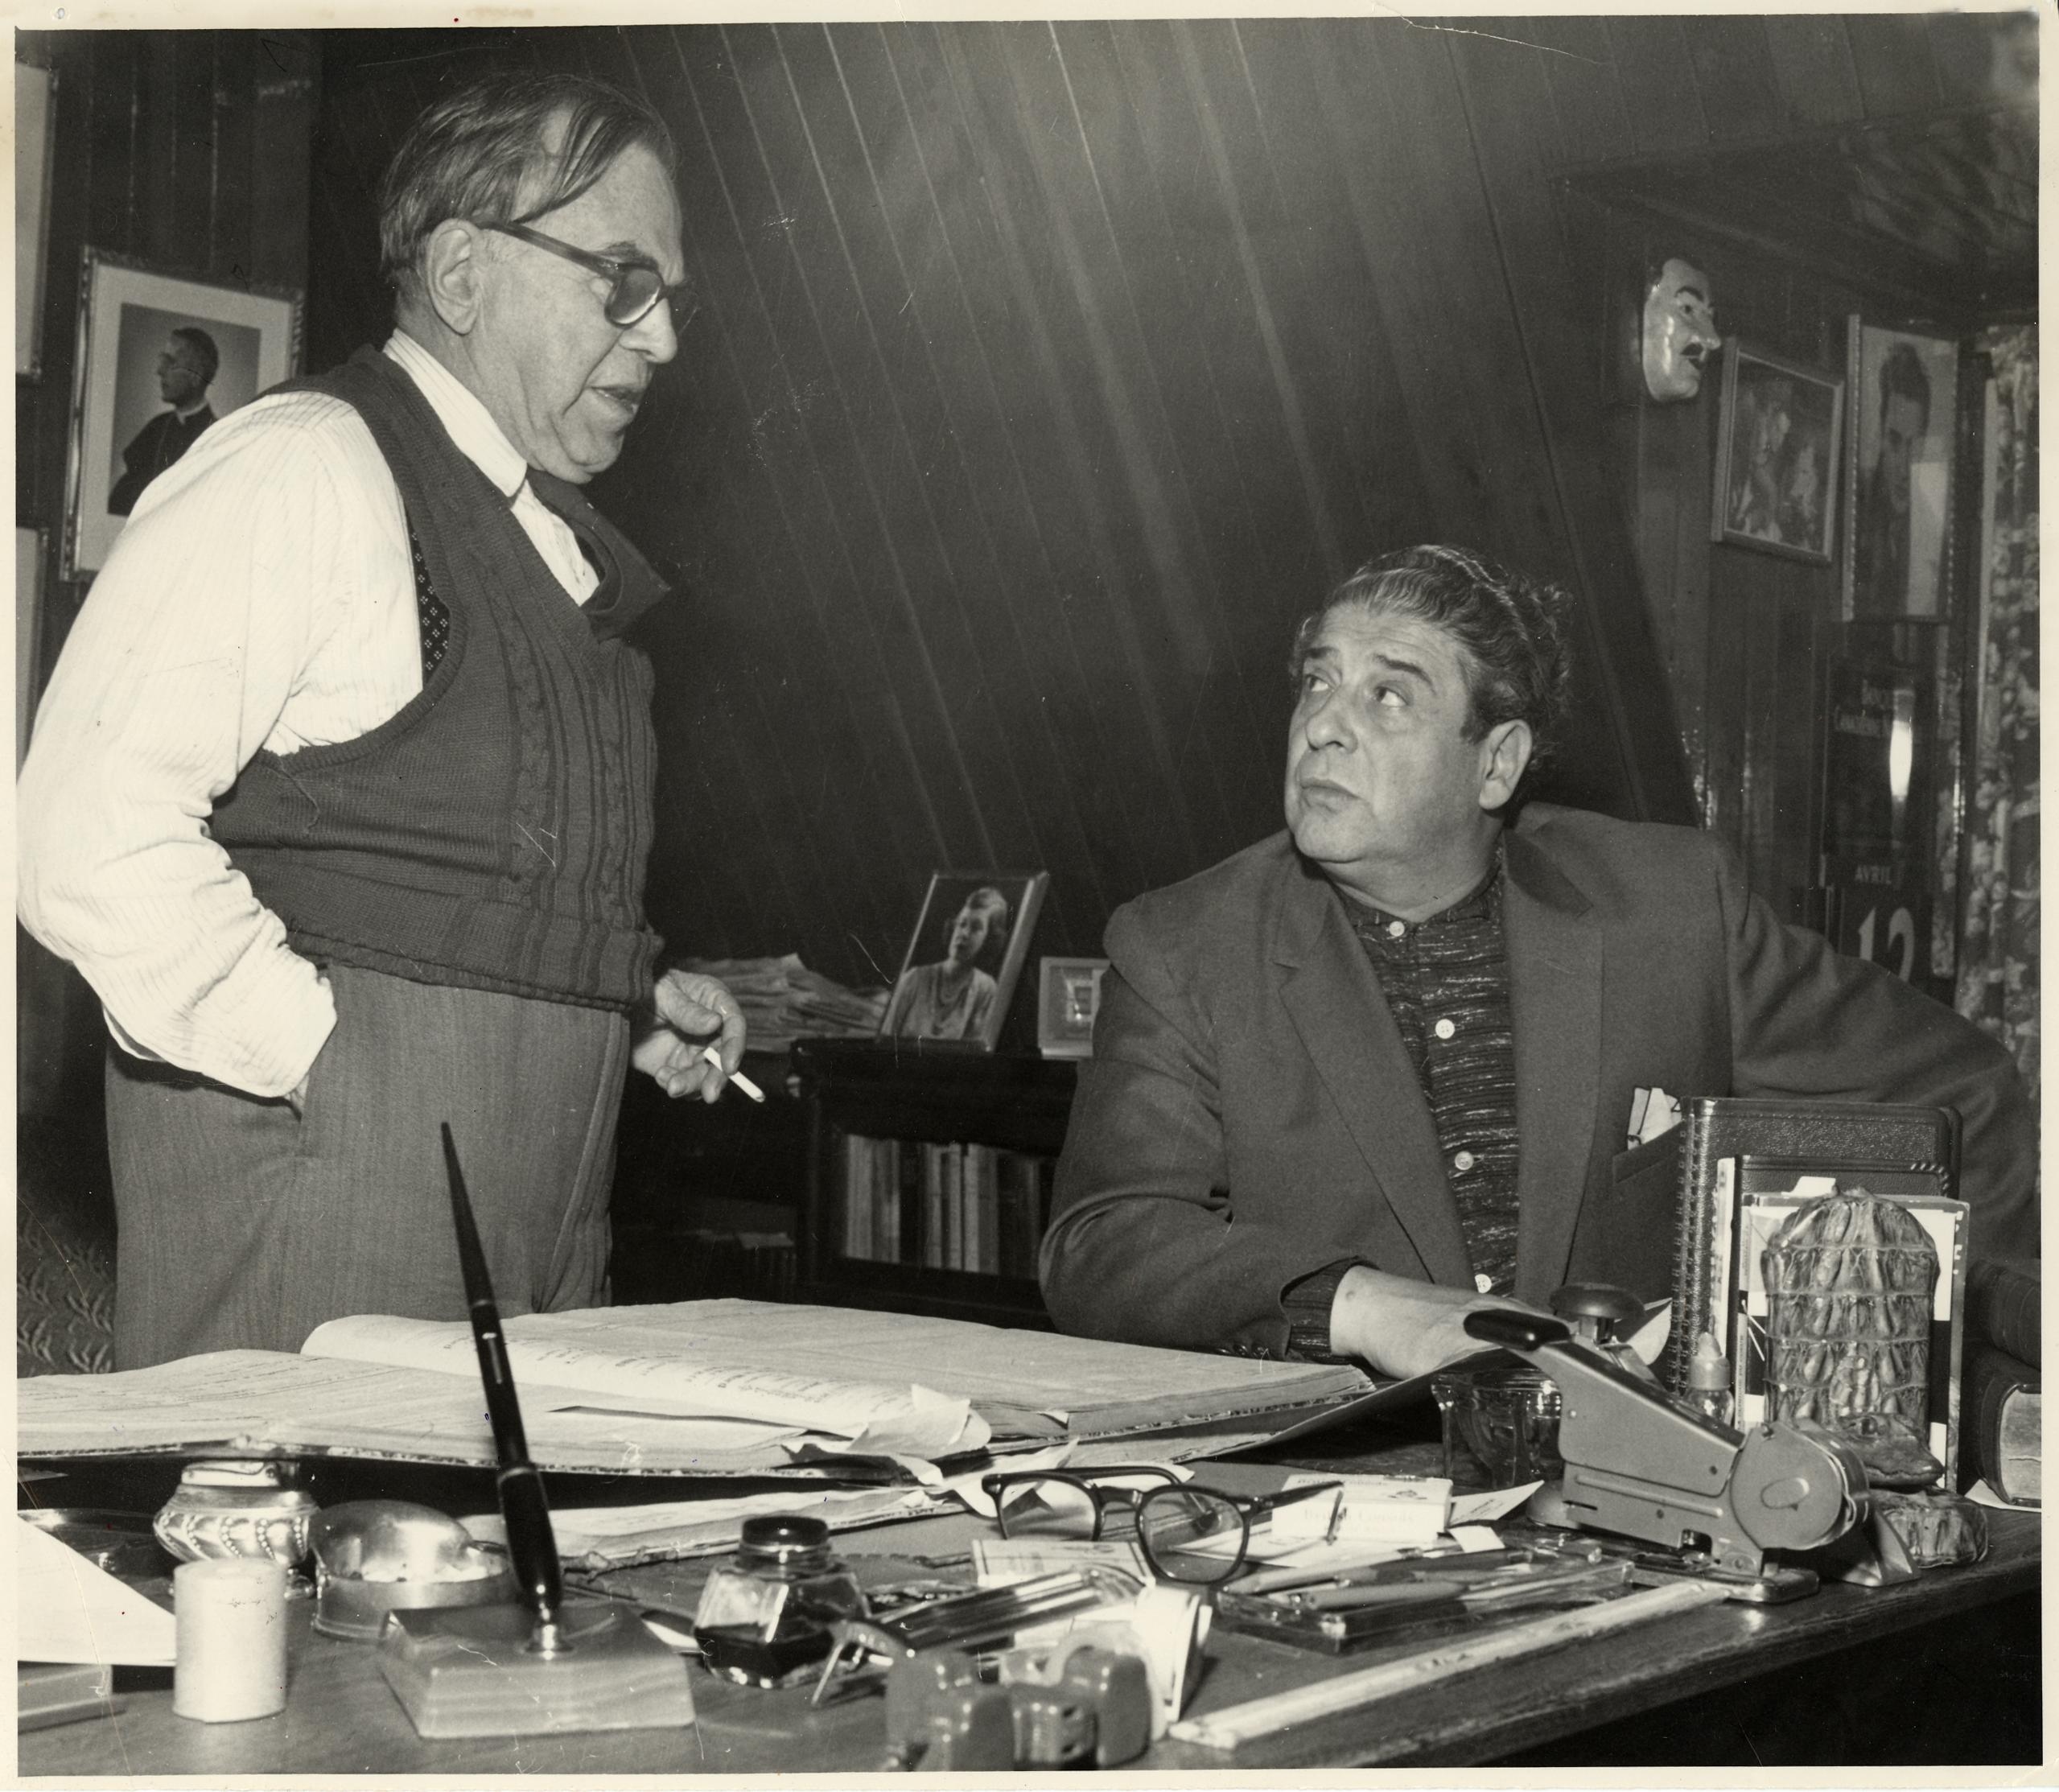 Un homme est debout près d'un bureau et discute avec un autre homme assis près de lui. Le bureau est chargé. On y trouve un grand livre ouvert, une brocheuse, des lunettes, un encrier, une plume et une multitude d'autres petits objets.